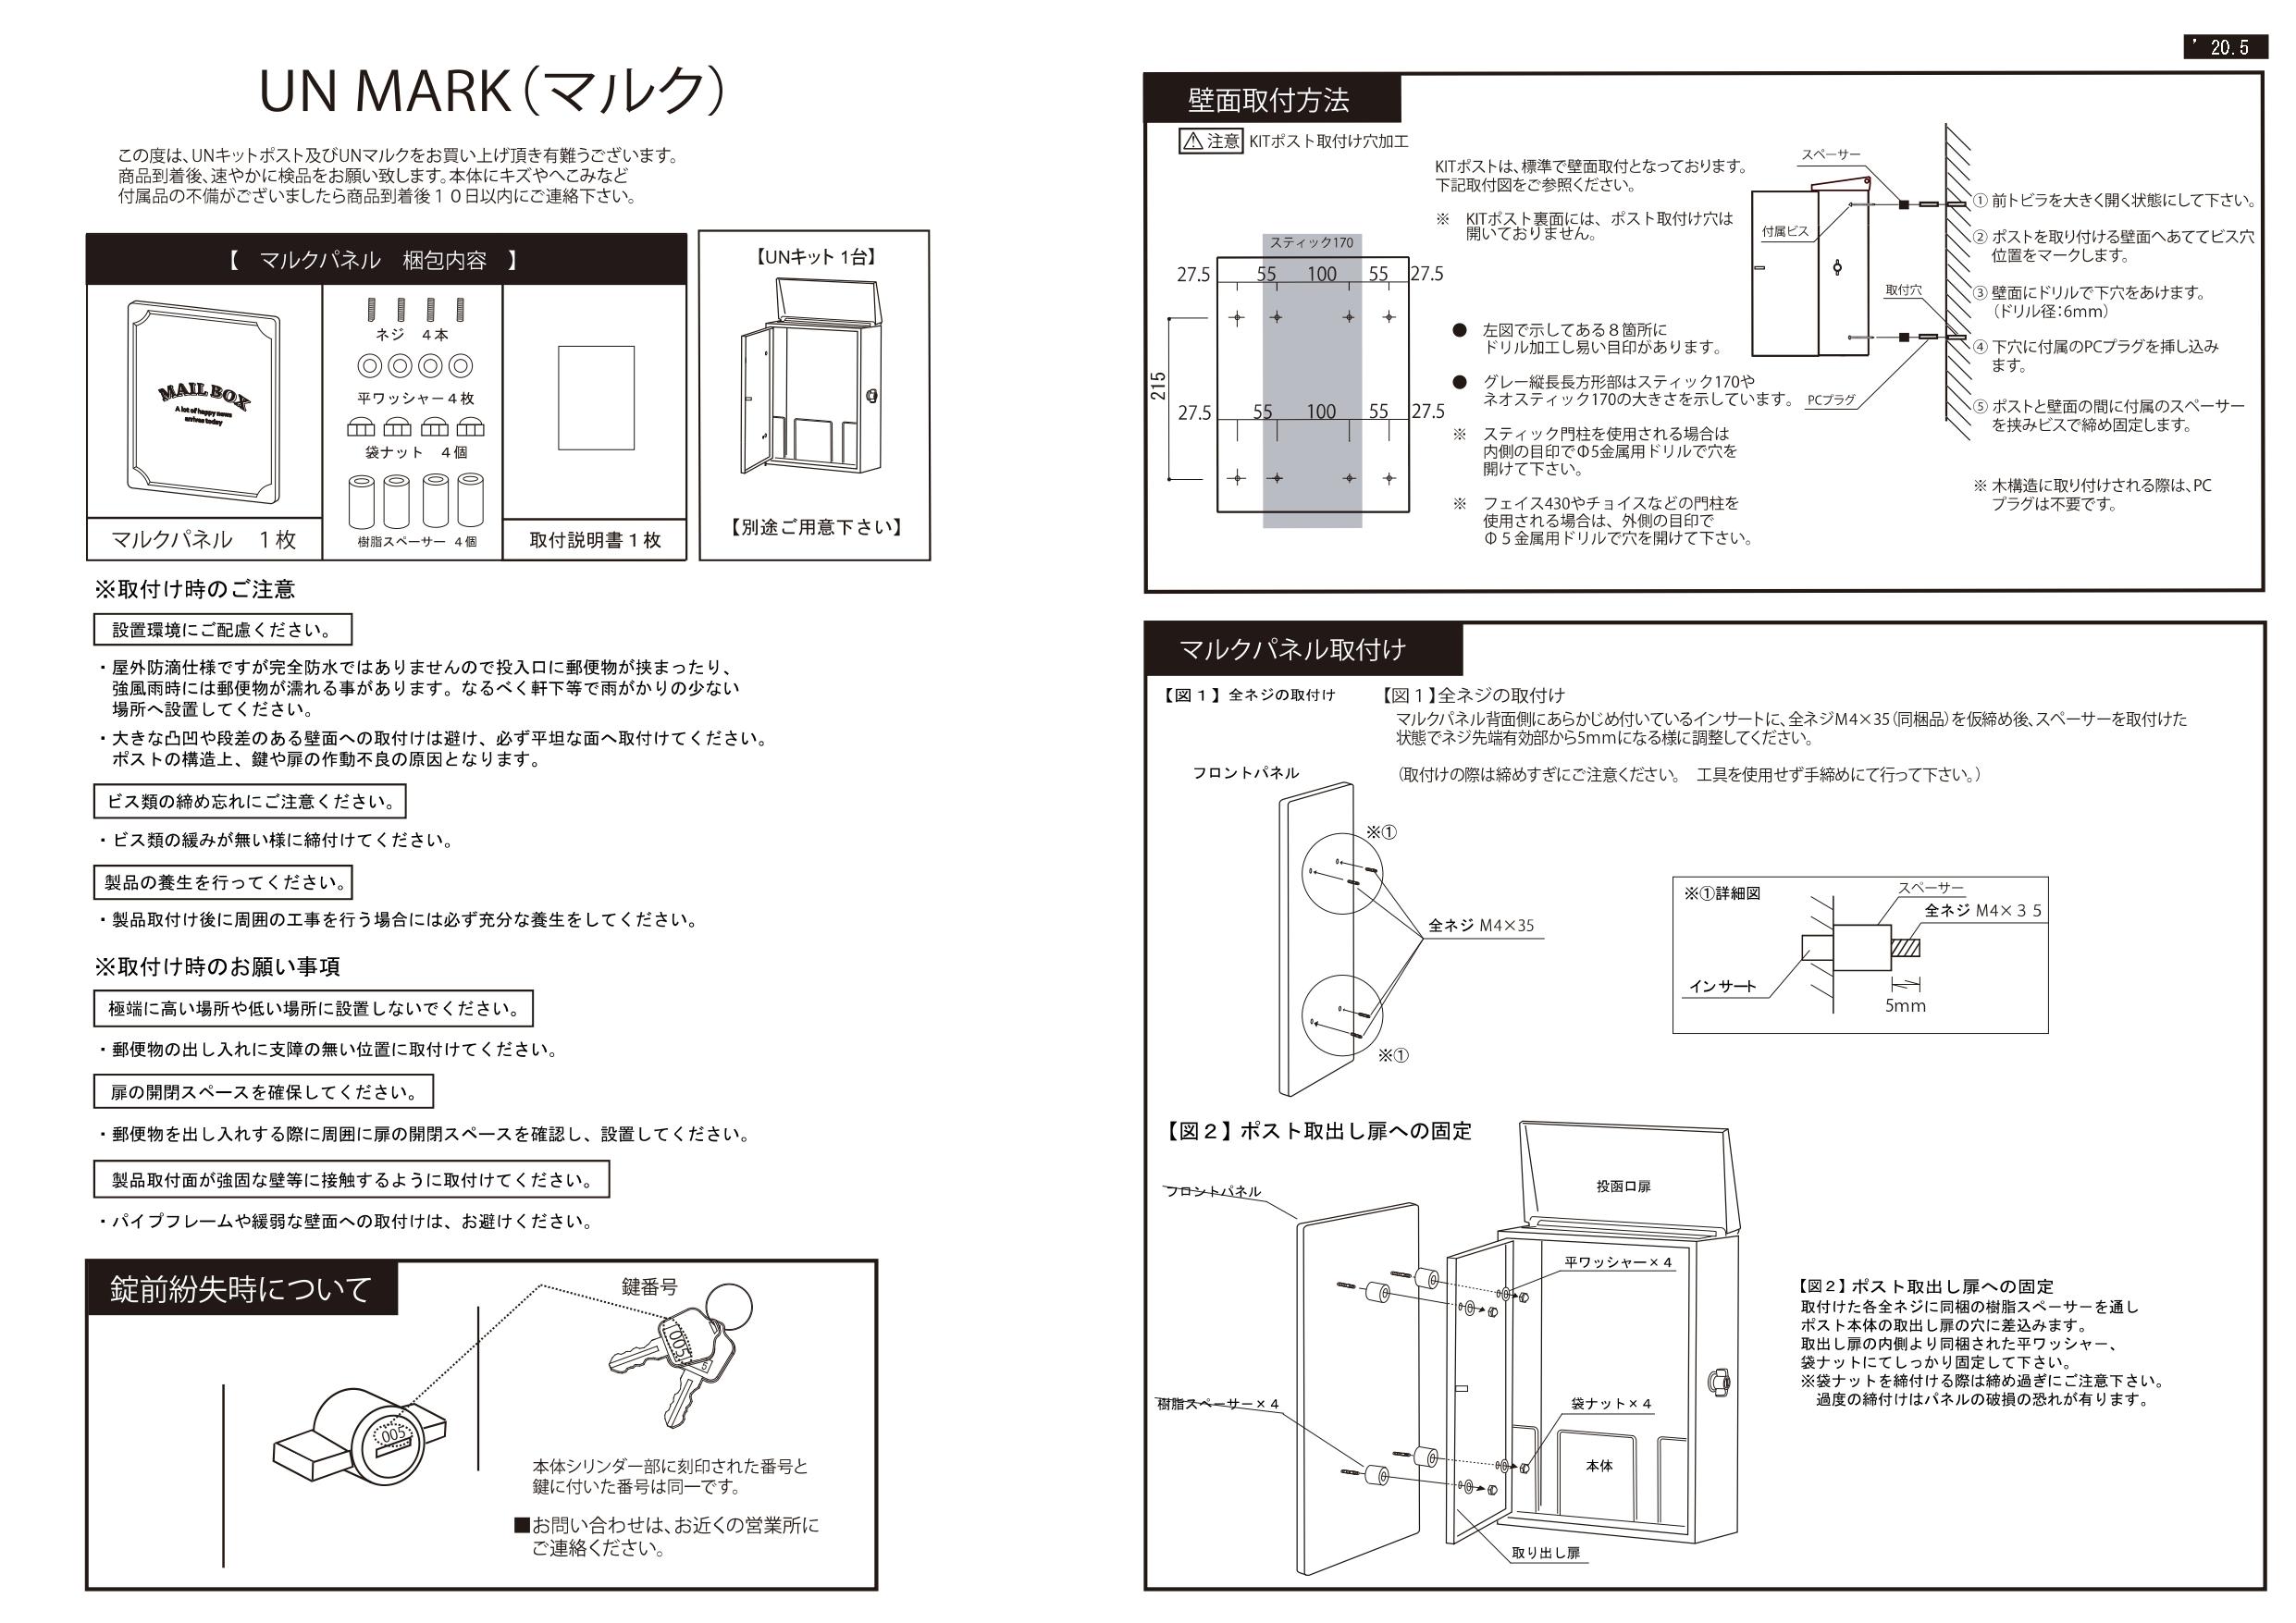 マルク 施工説明書_page-0001